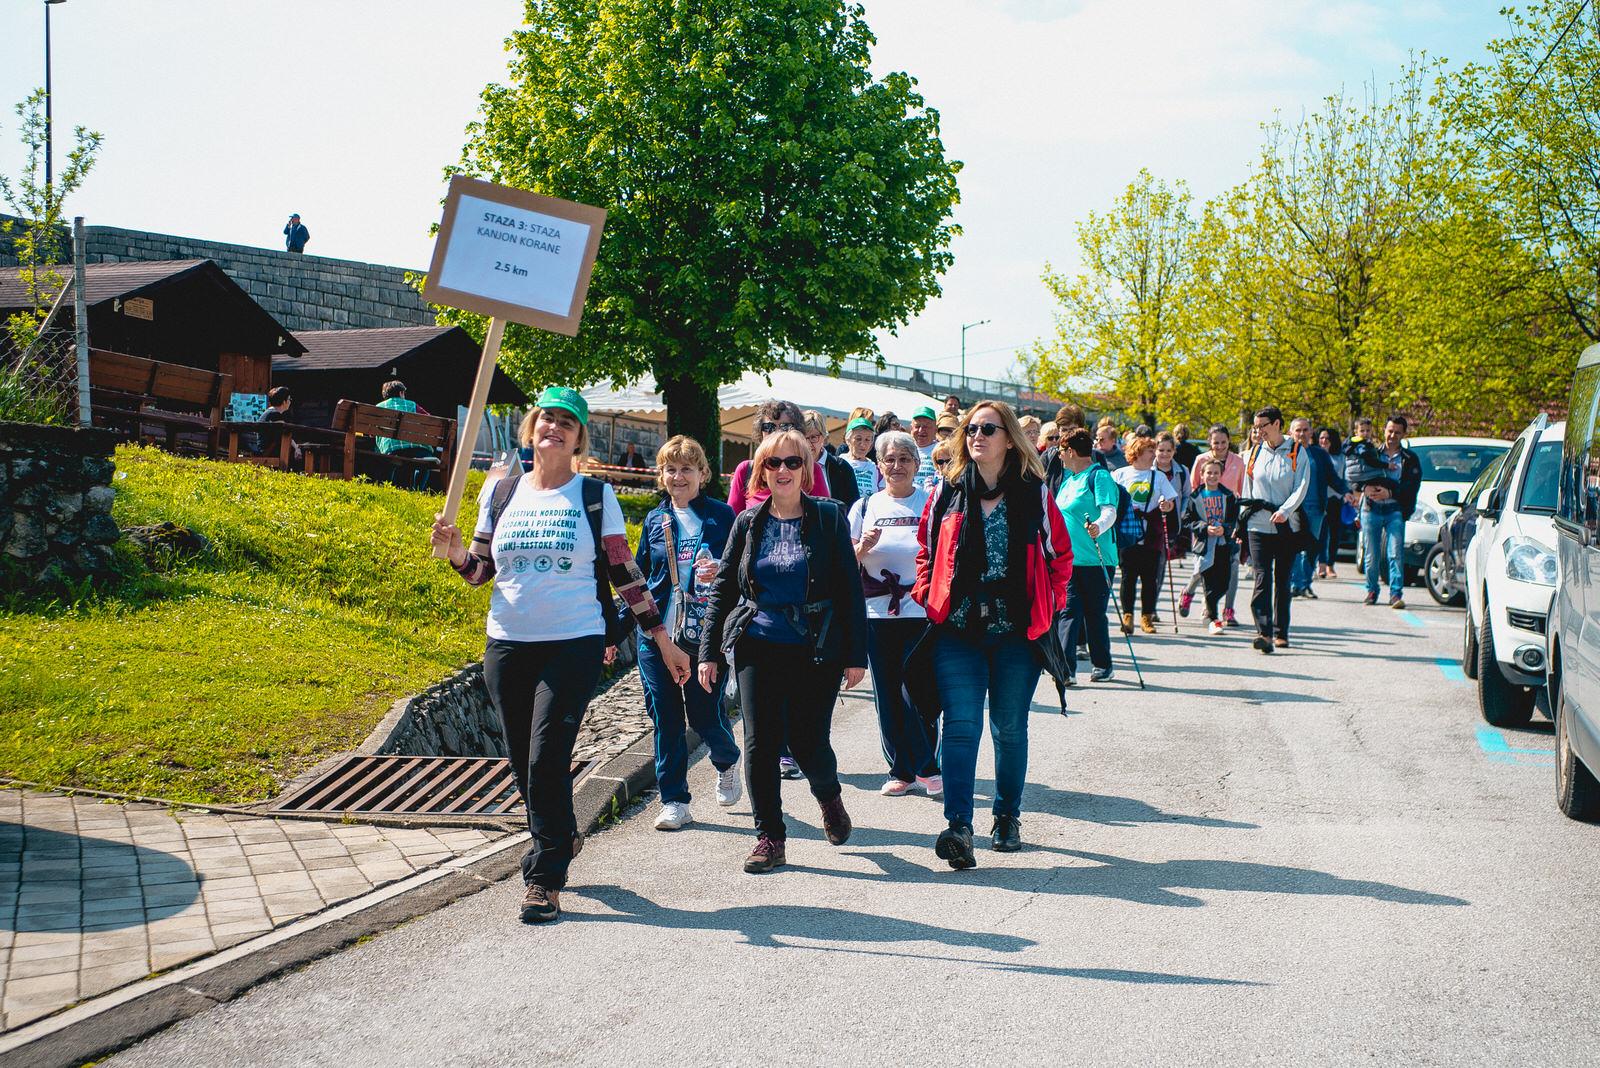 likaclub_slunj_rastoke_5-festival-nordijskog-hodanja_2019-54